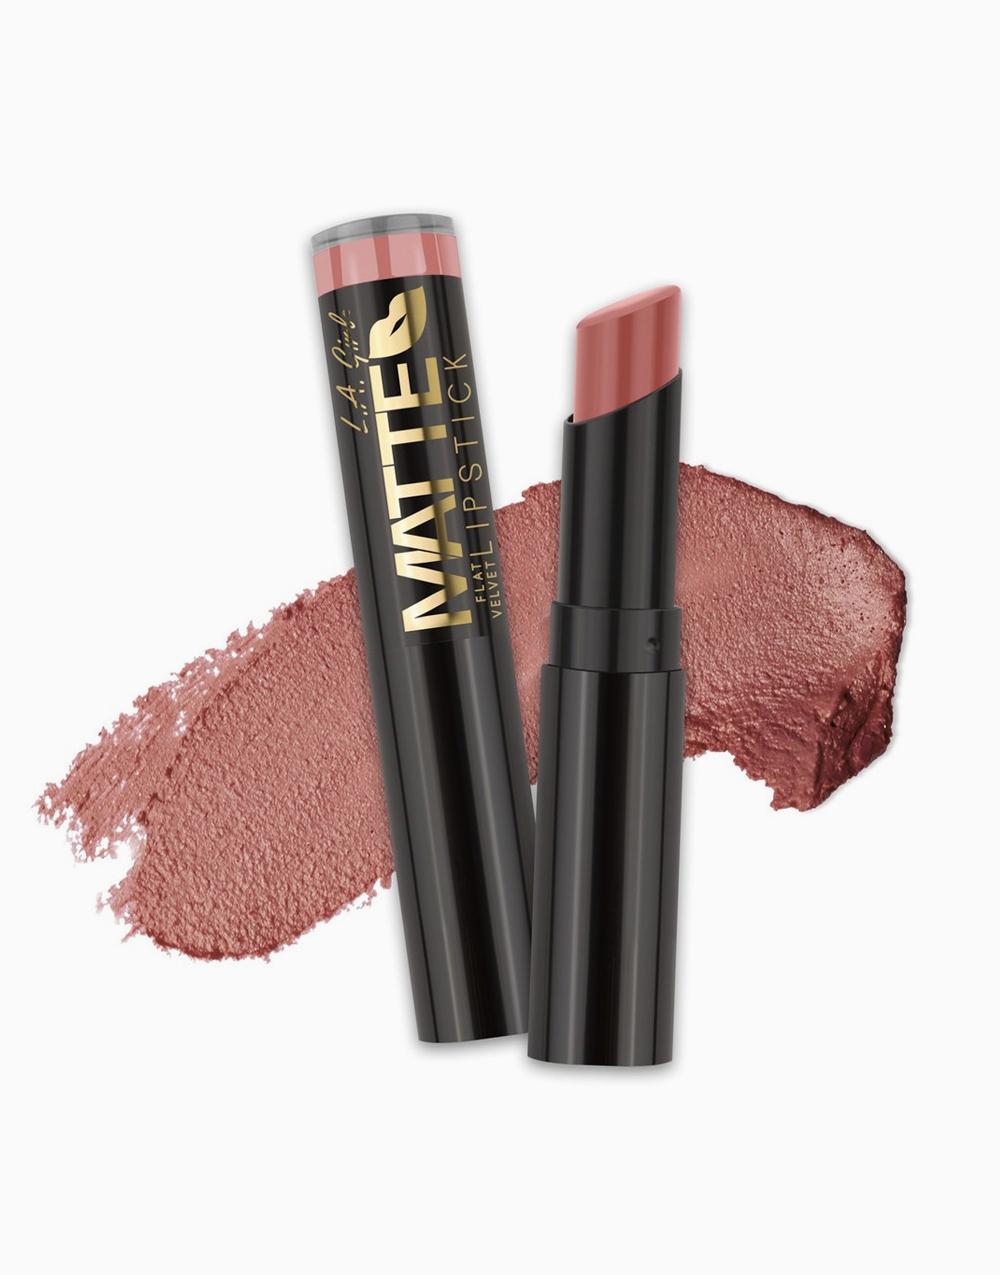 Flat Velvet Matte Lipstick by L.A. Girl | Hush